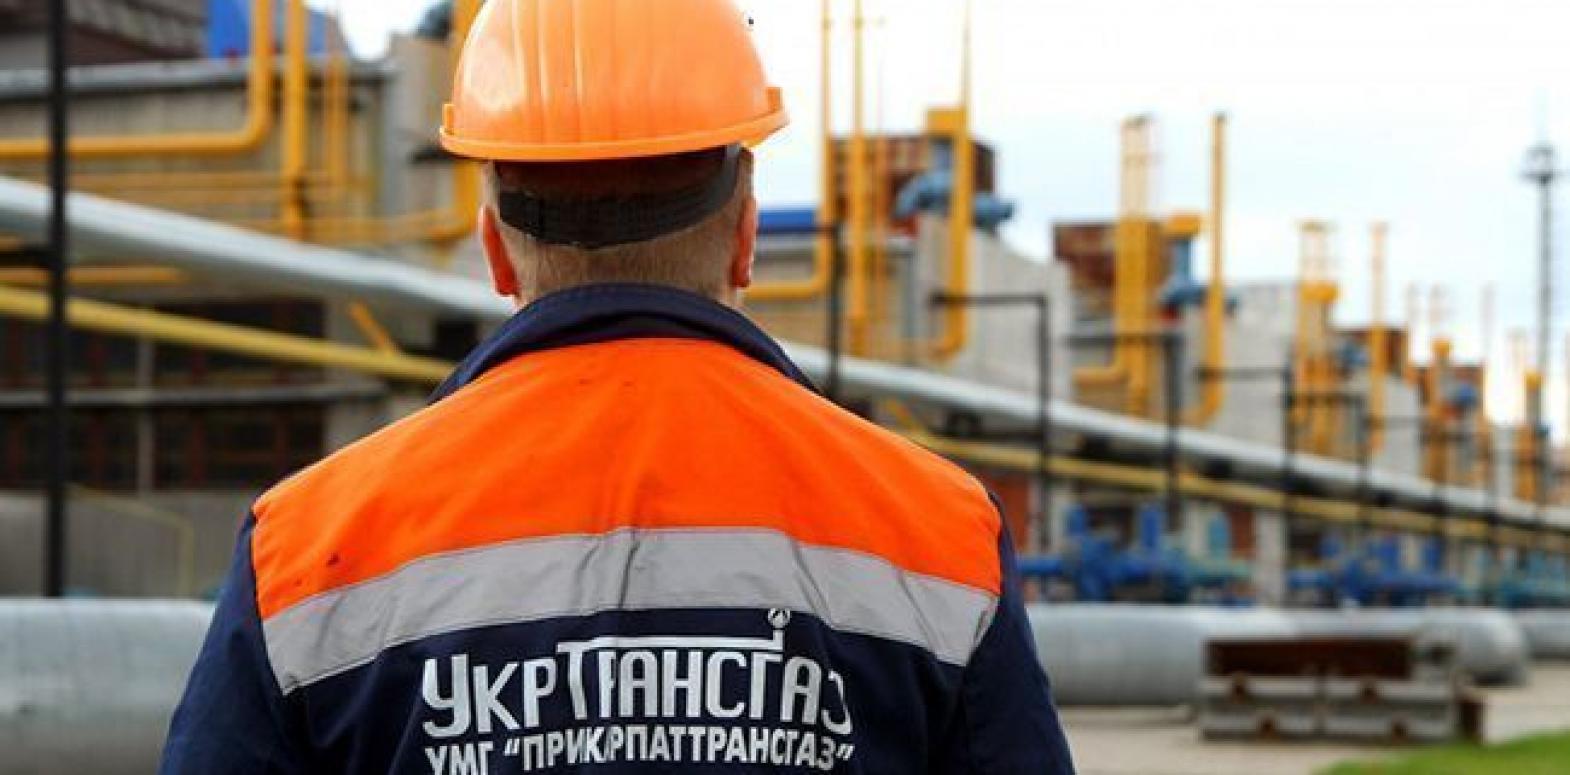 """""""Укртрансгаз"""" готовит ГТС к прекращению транзита российского газа с 1 января 2020"""